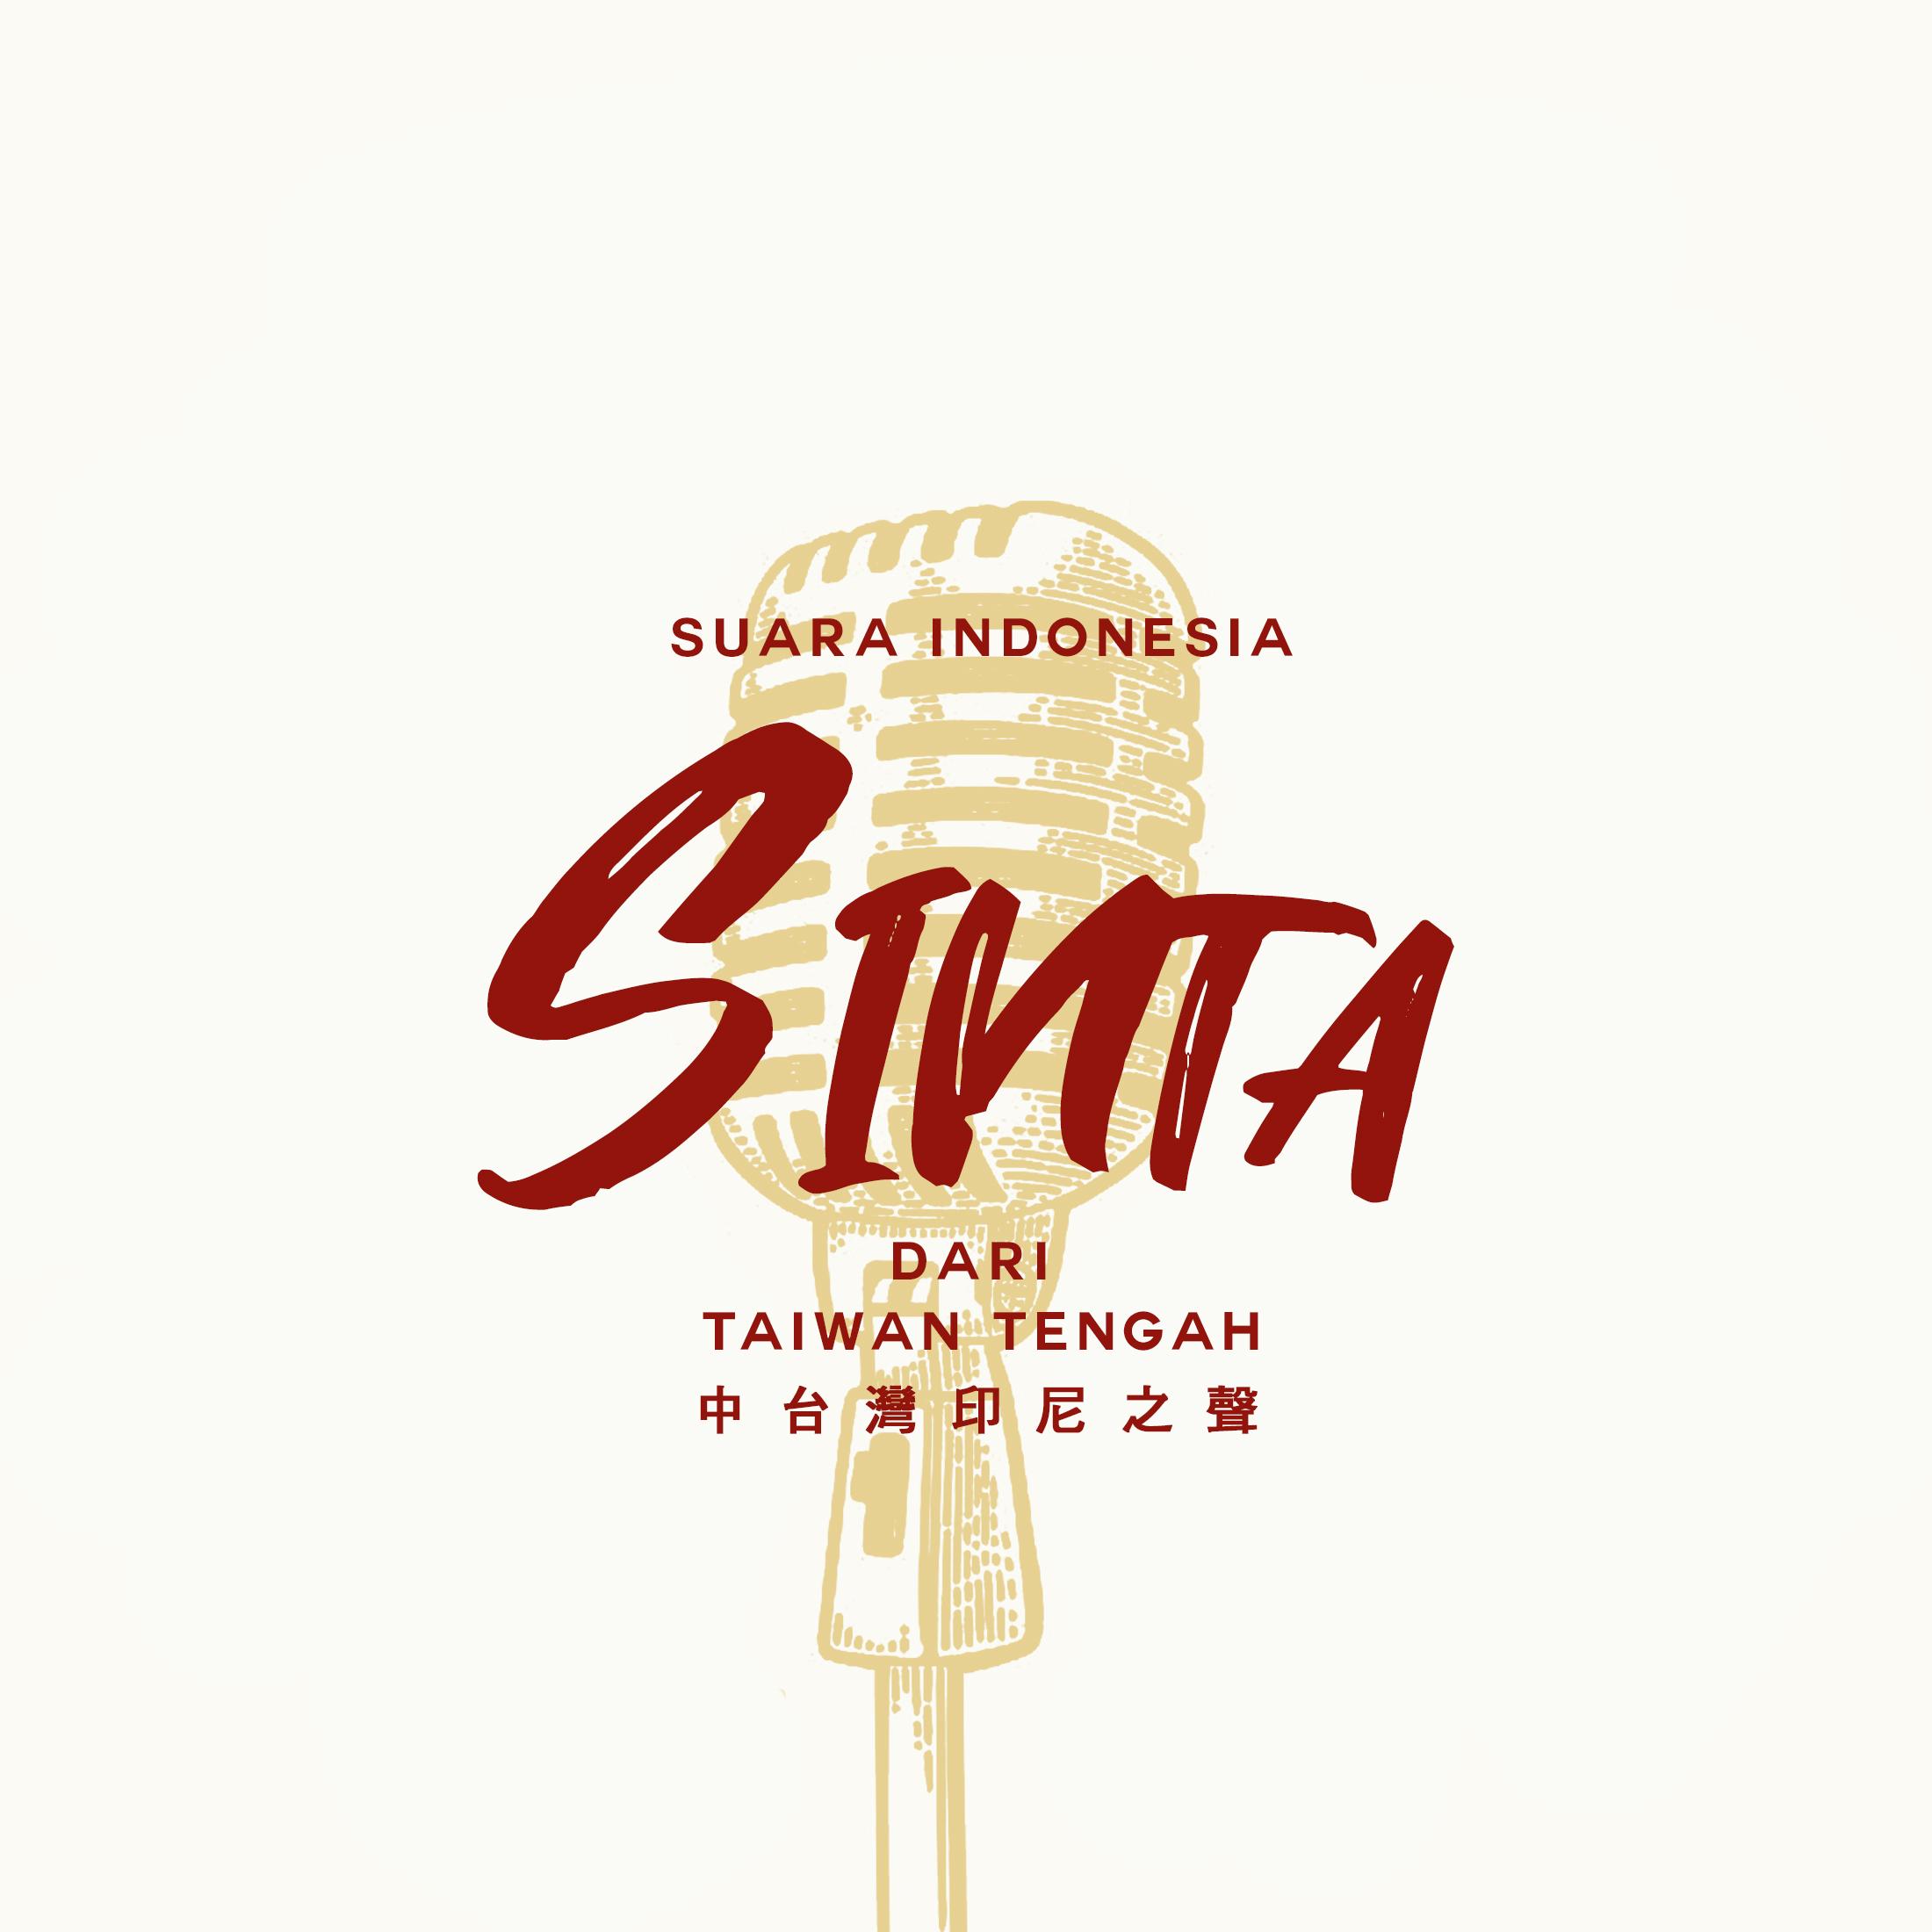 【中台灣印尼之聲】#6 SINTA挖挖哇-印尼移工在臺灣:仲介篇